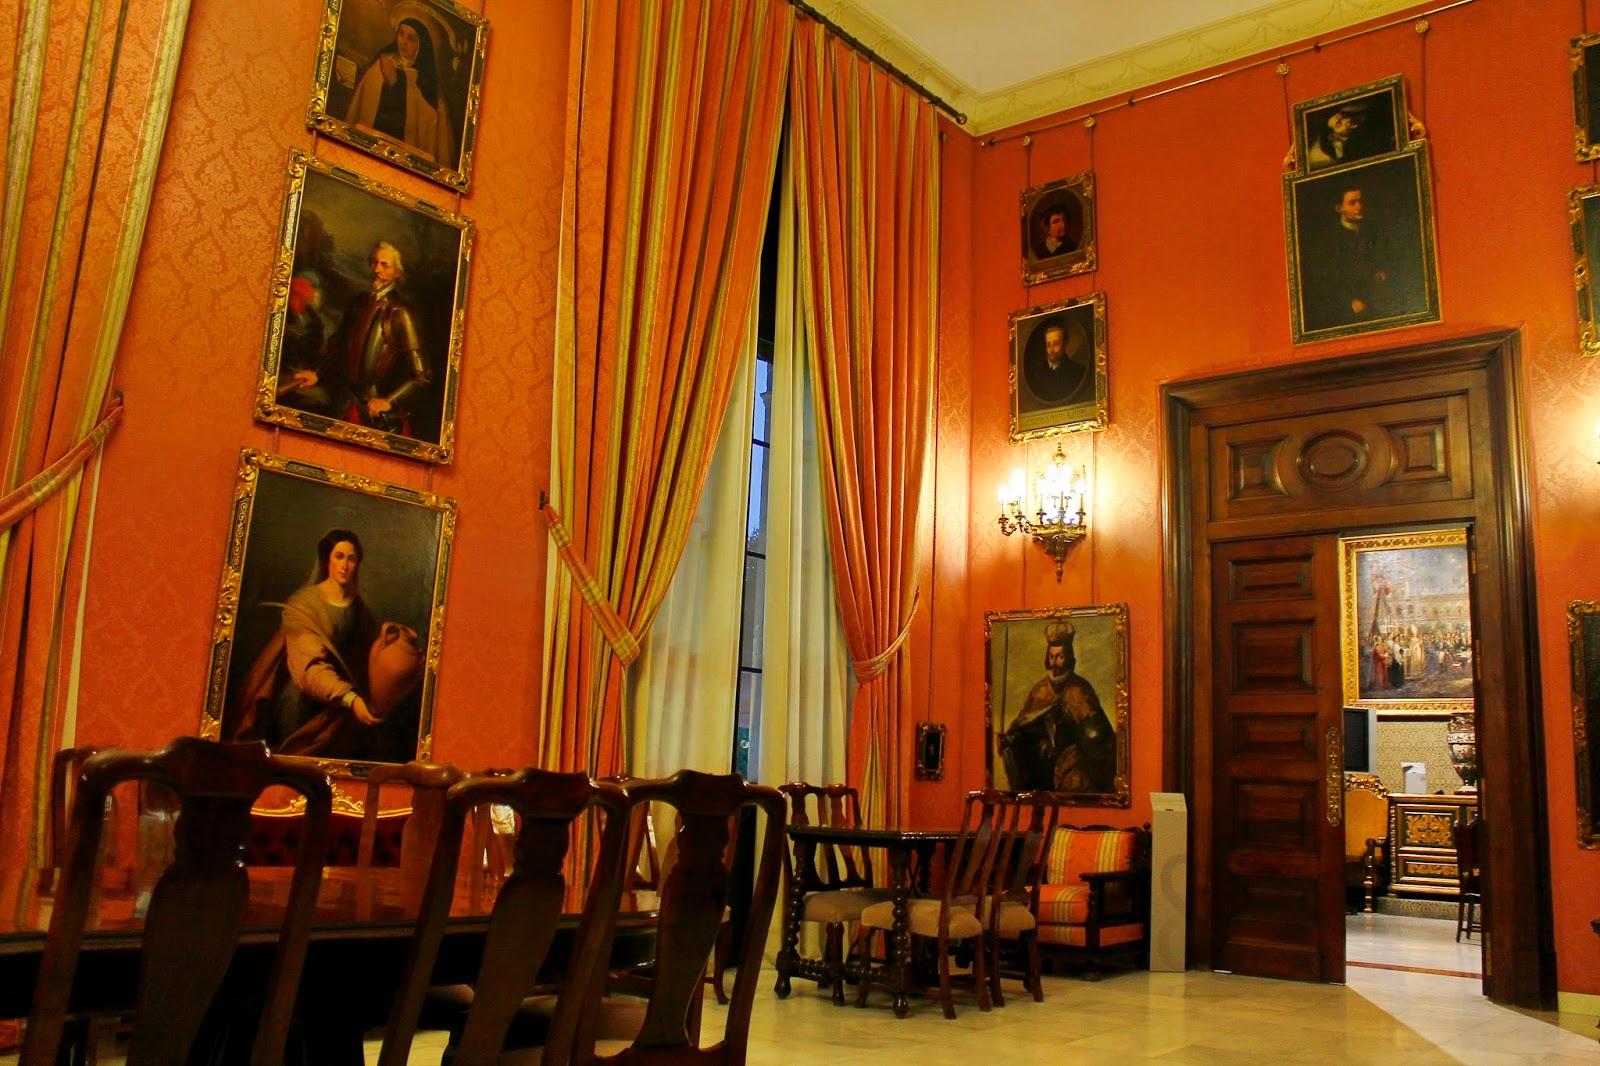 A restauración once óleos sobre lienzo de la pinacoteca de la Casa Consistorial